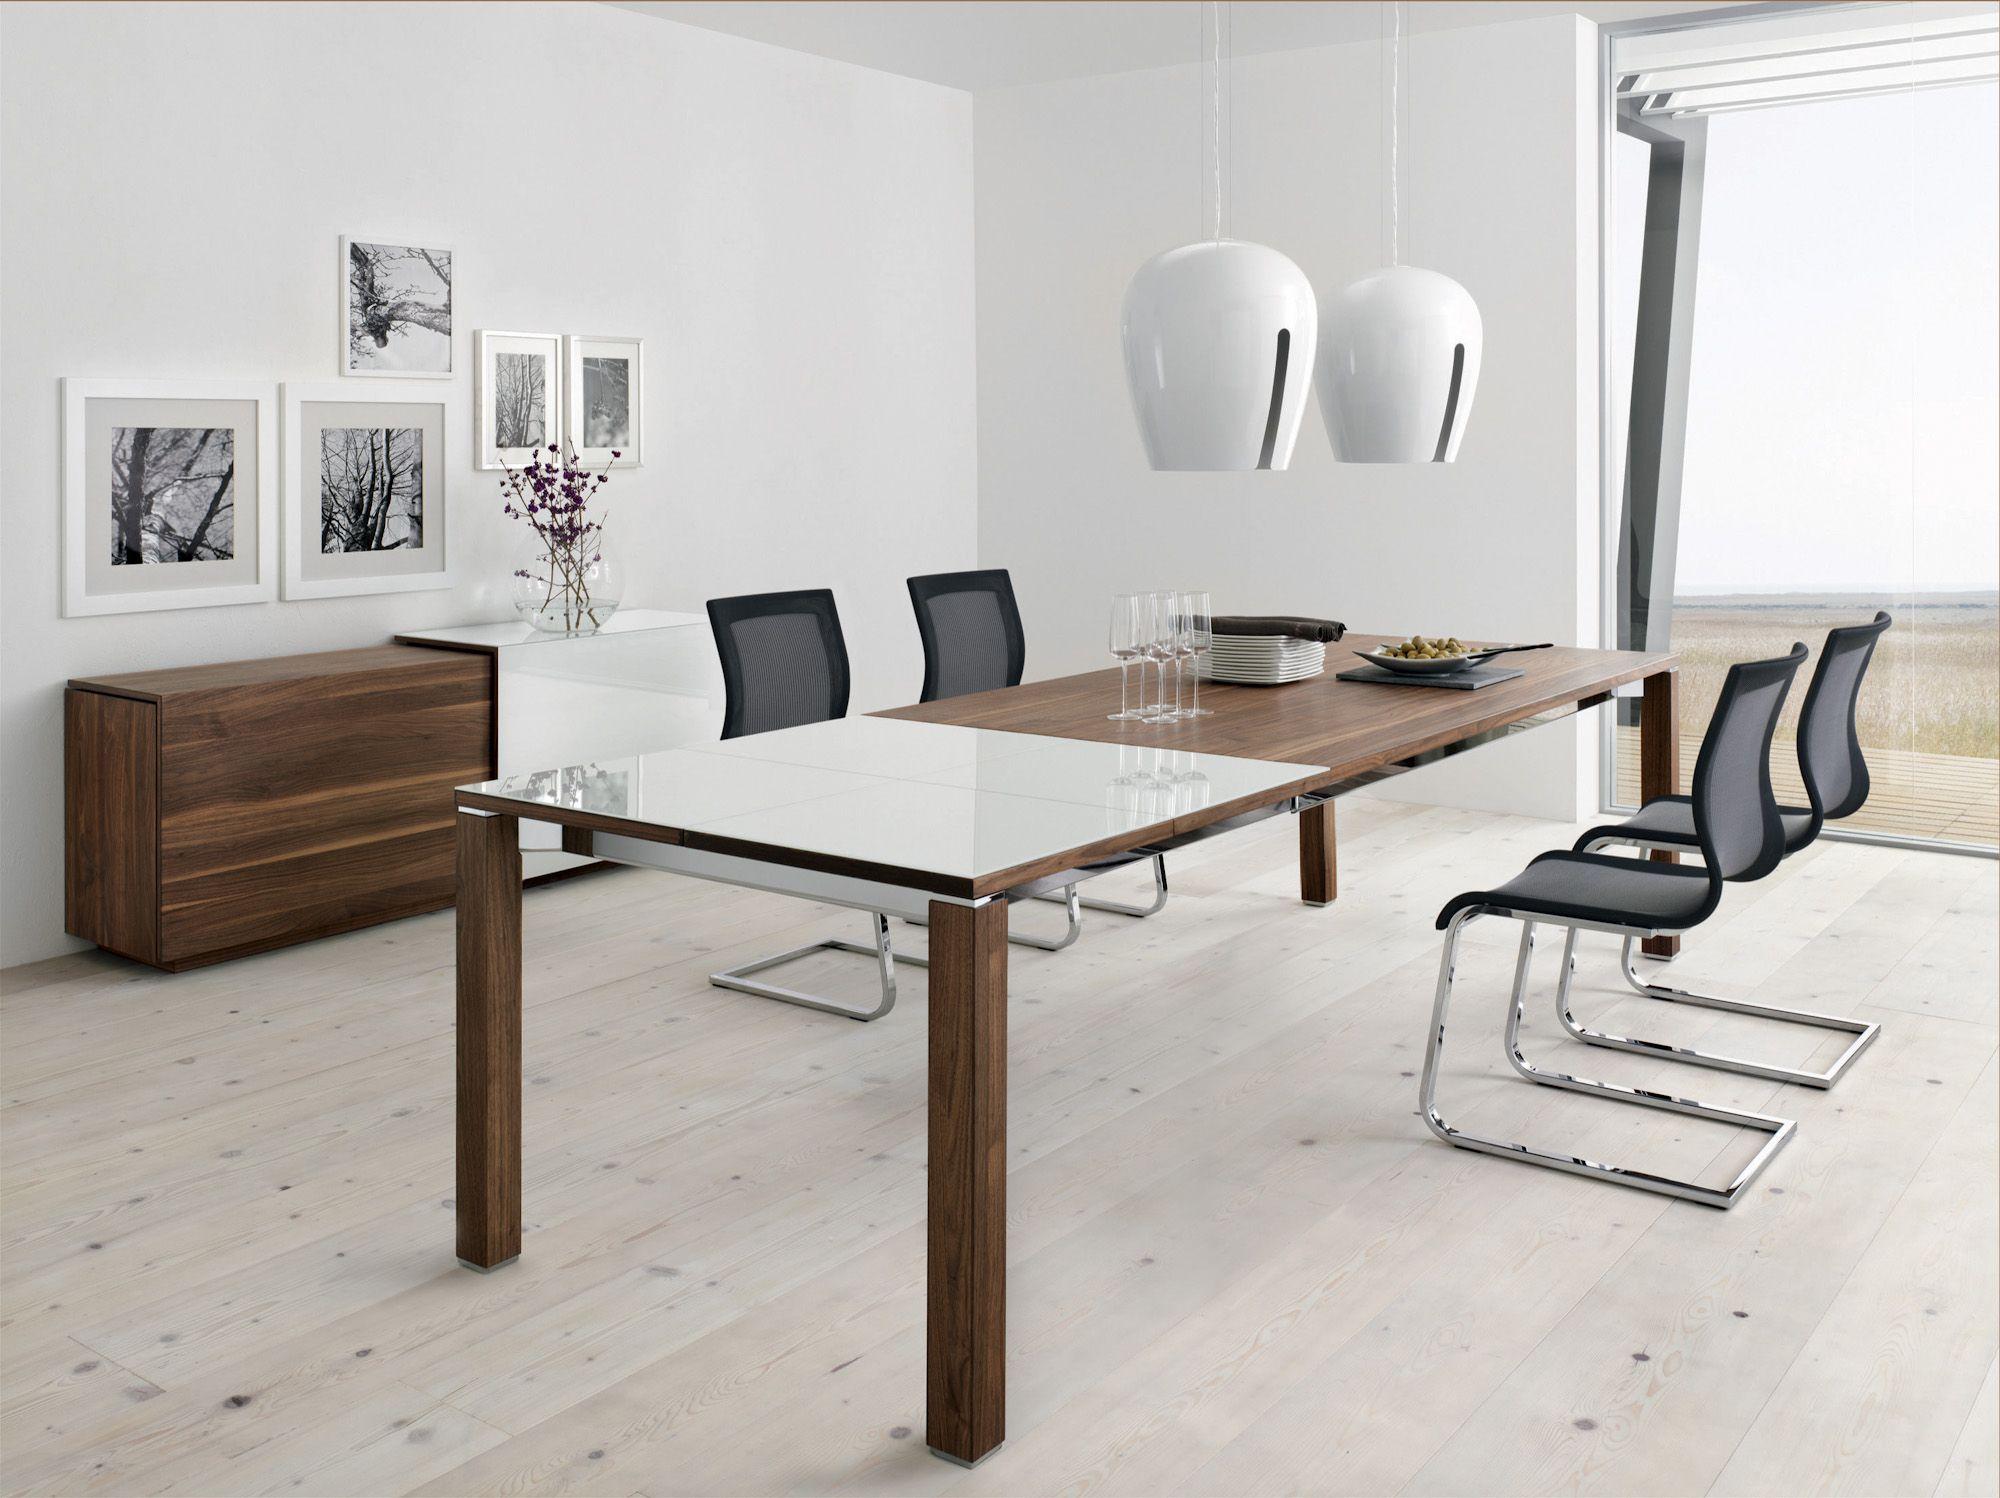 Esszimmer | Tisch | Sideboard | Massivholz | Lack | Freischwinger - bei Möbel Morschett